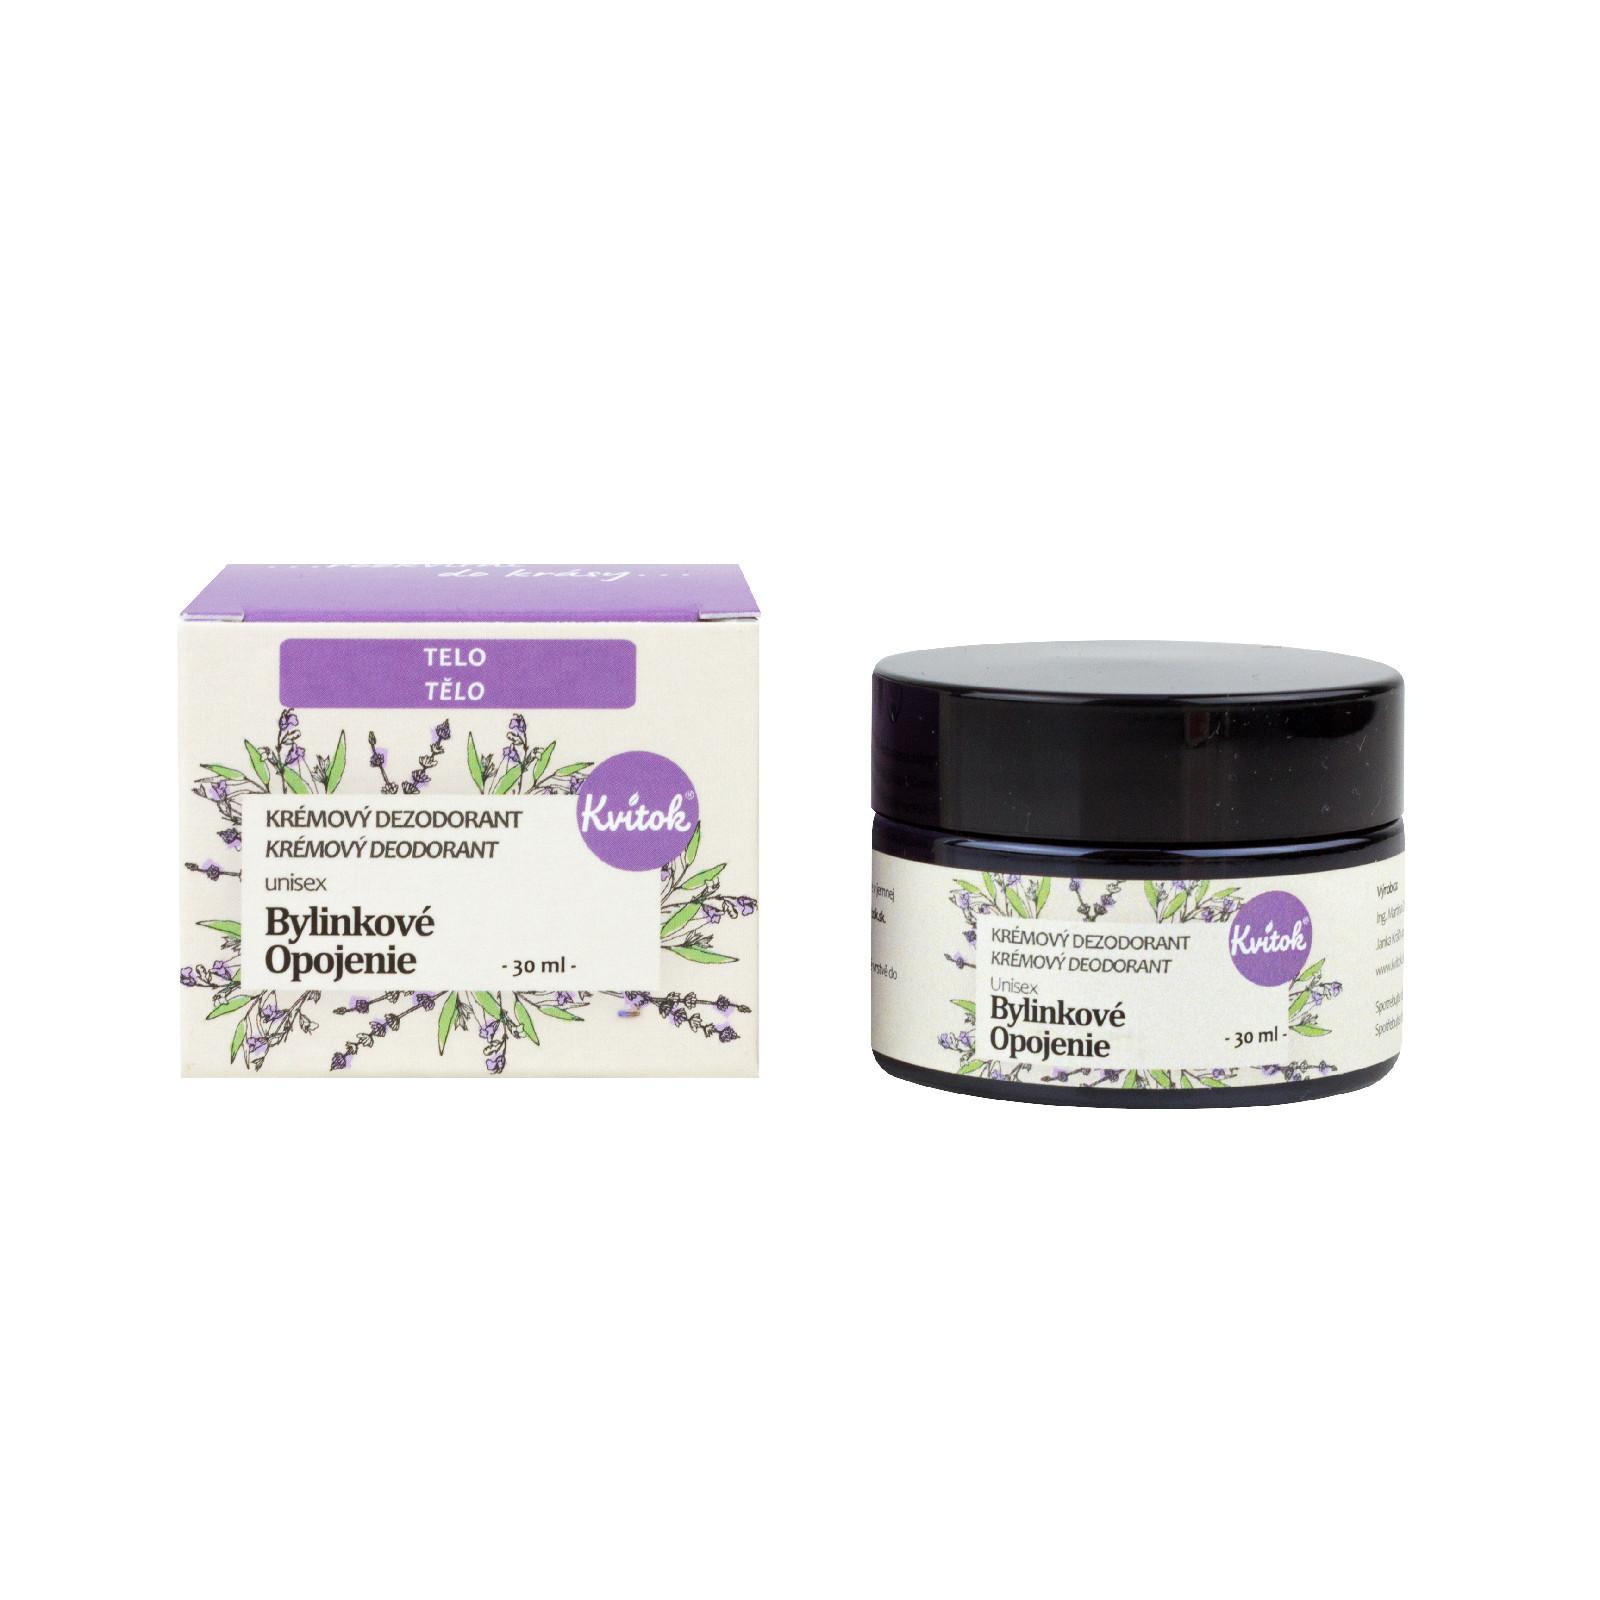 Kvitok Krémový deodorant, bylinkové opojení 30 ml